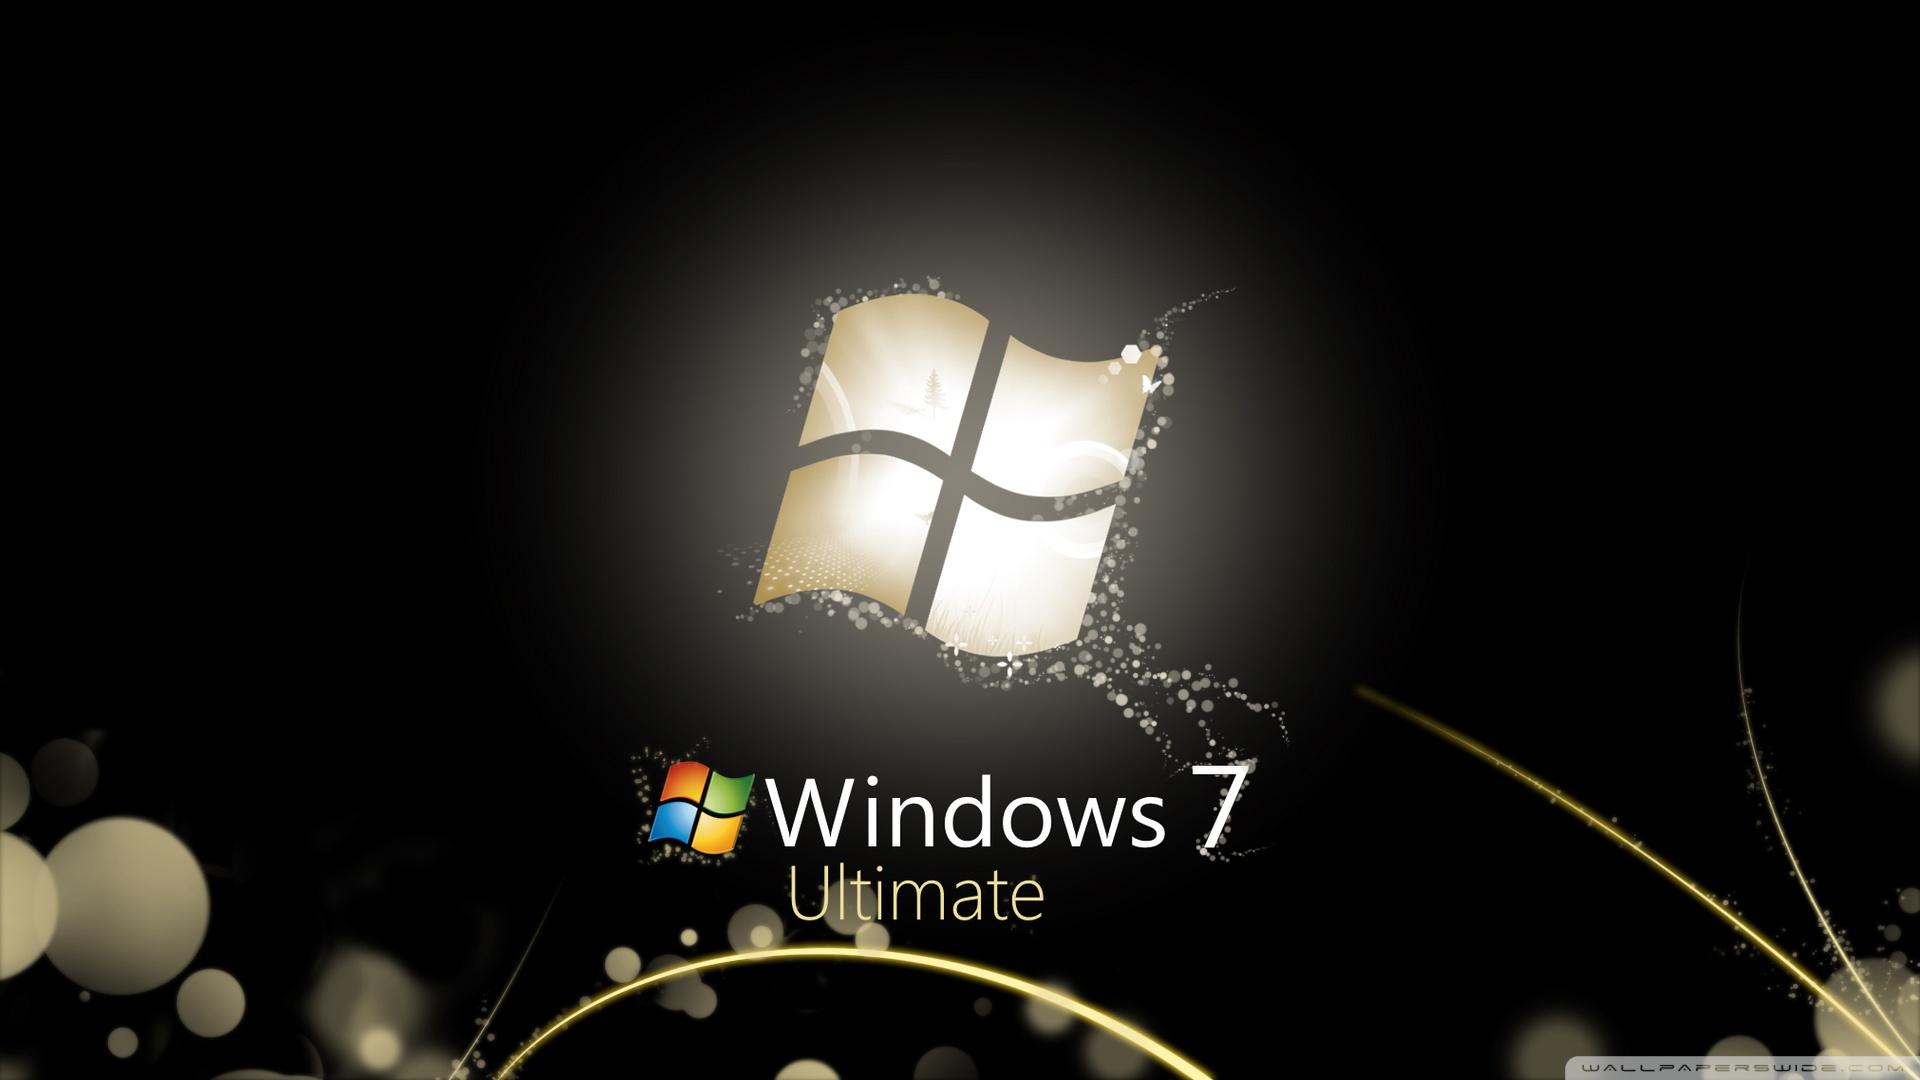 windows 7 ultimate bright